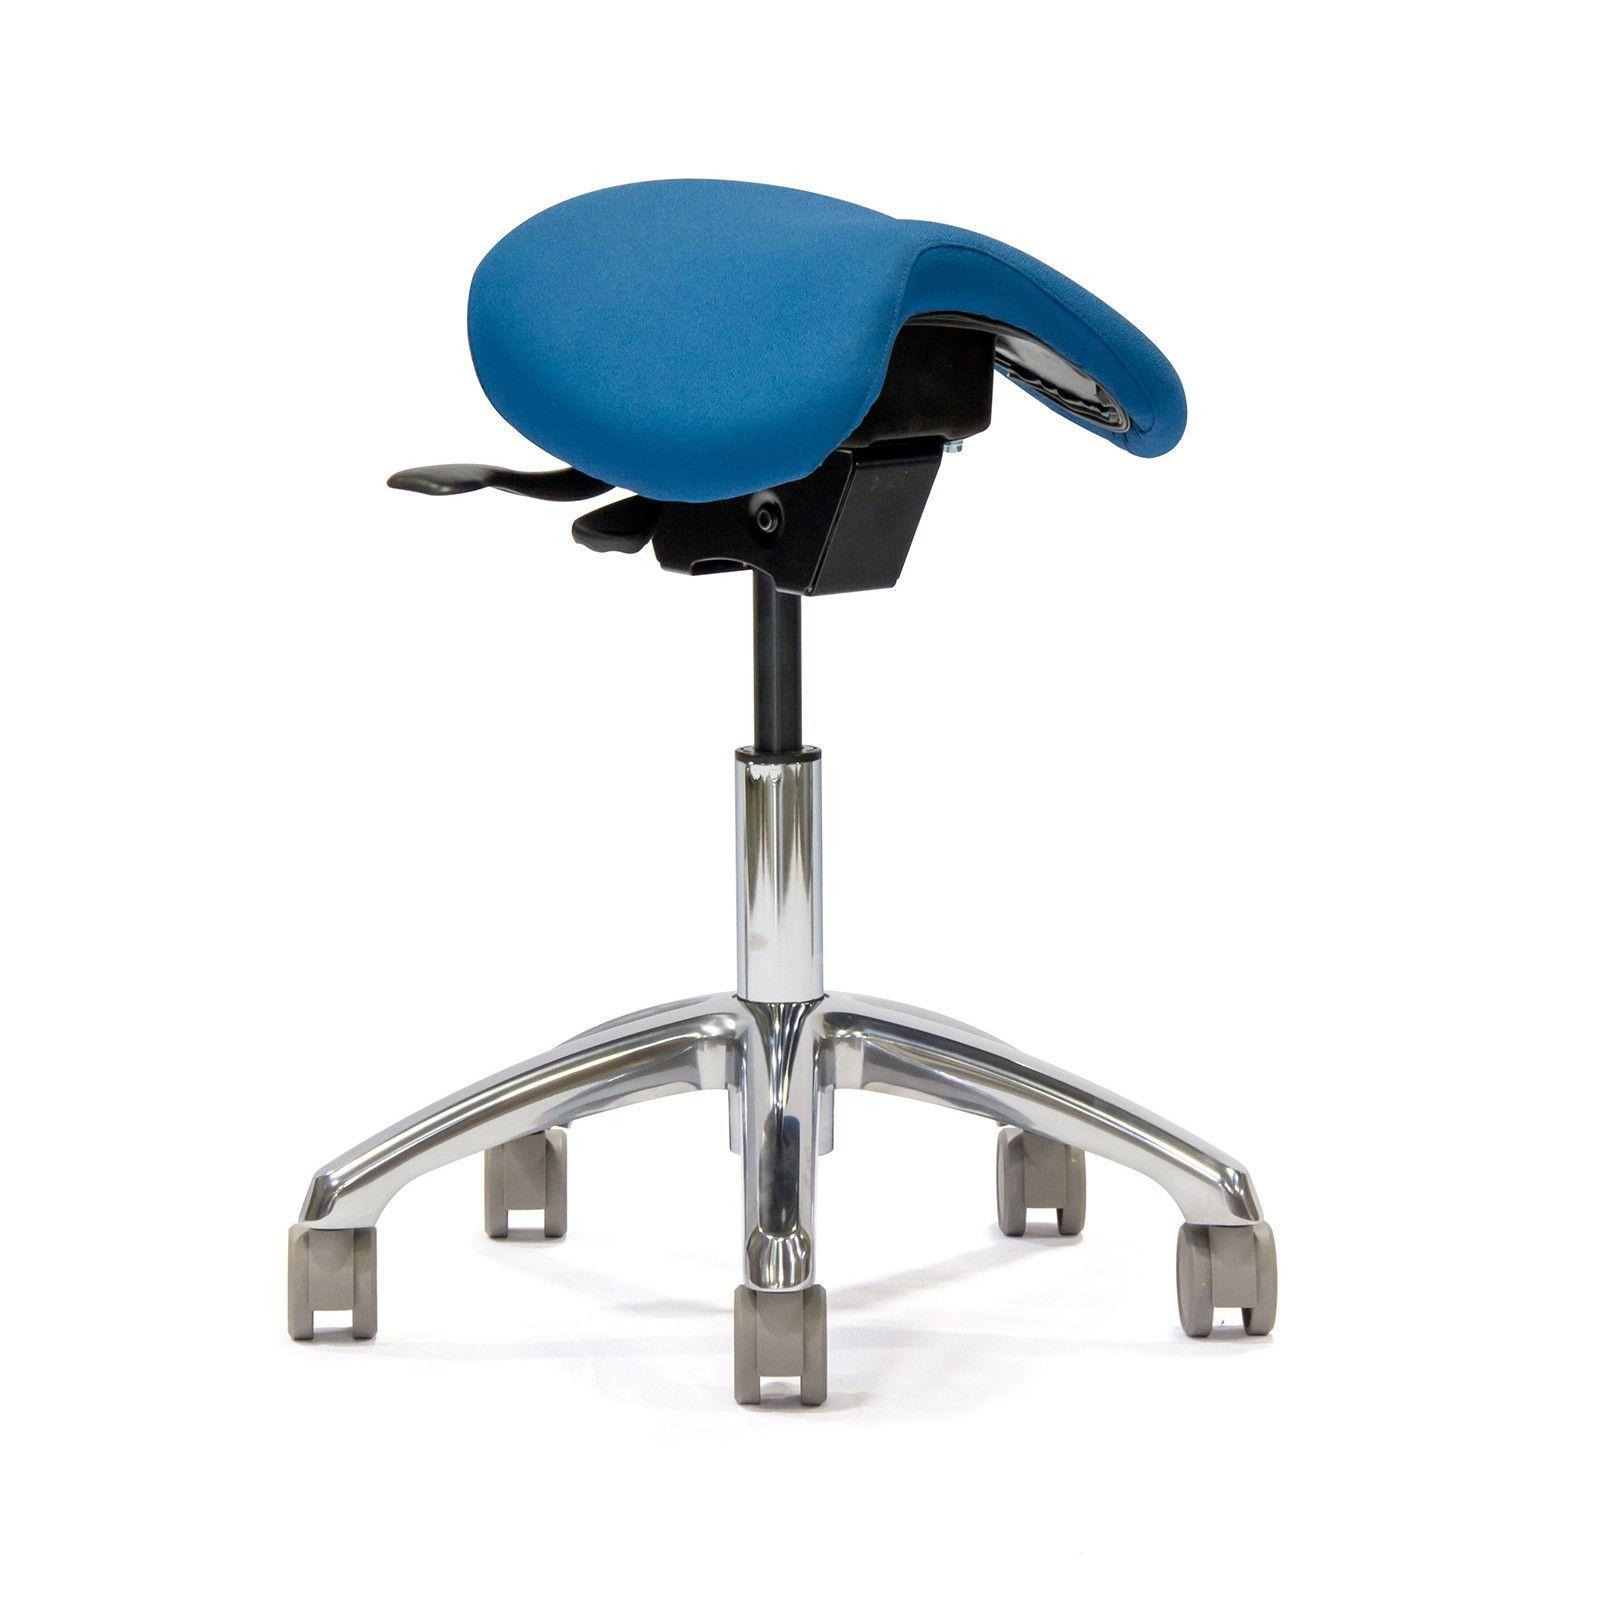 crown seating english saddle ergonomic saddle medical chair